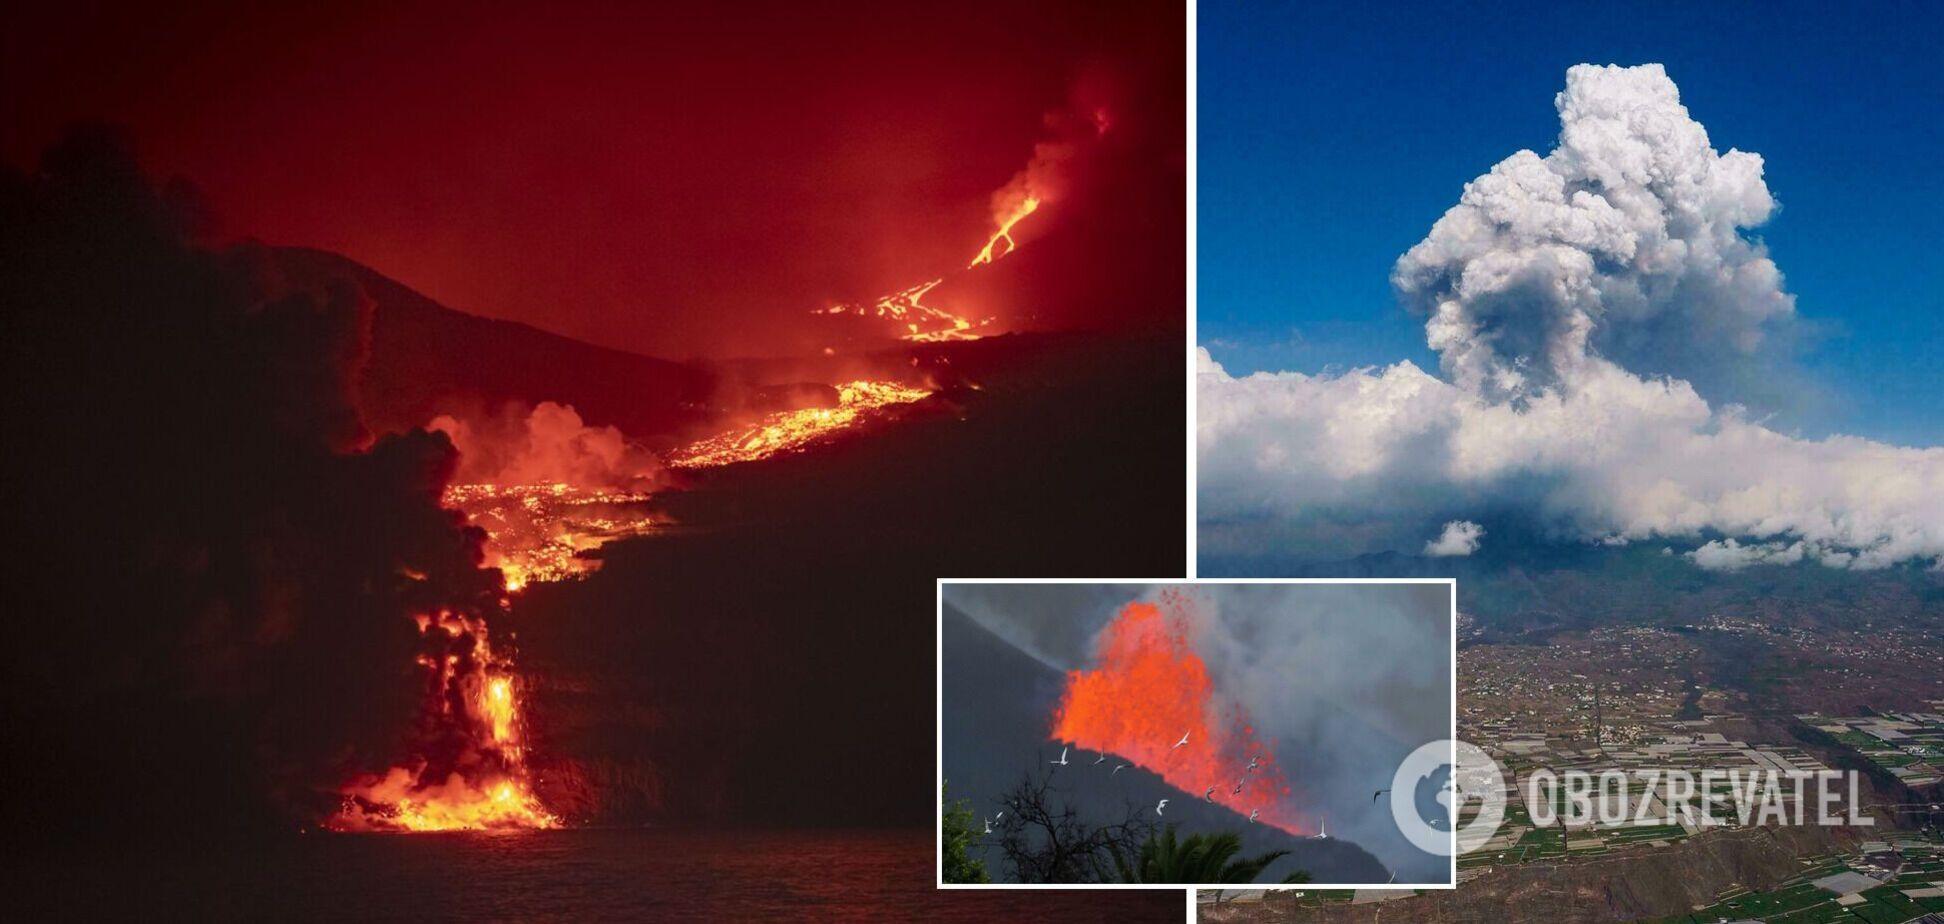 Лава вулкана на Канарських островах досягла океану, піднявся стовп диму. Фото і відео